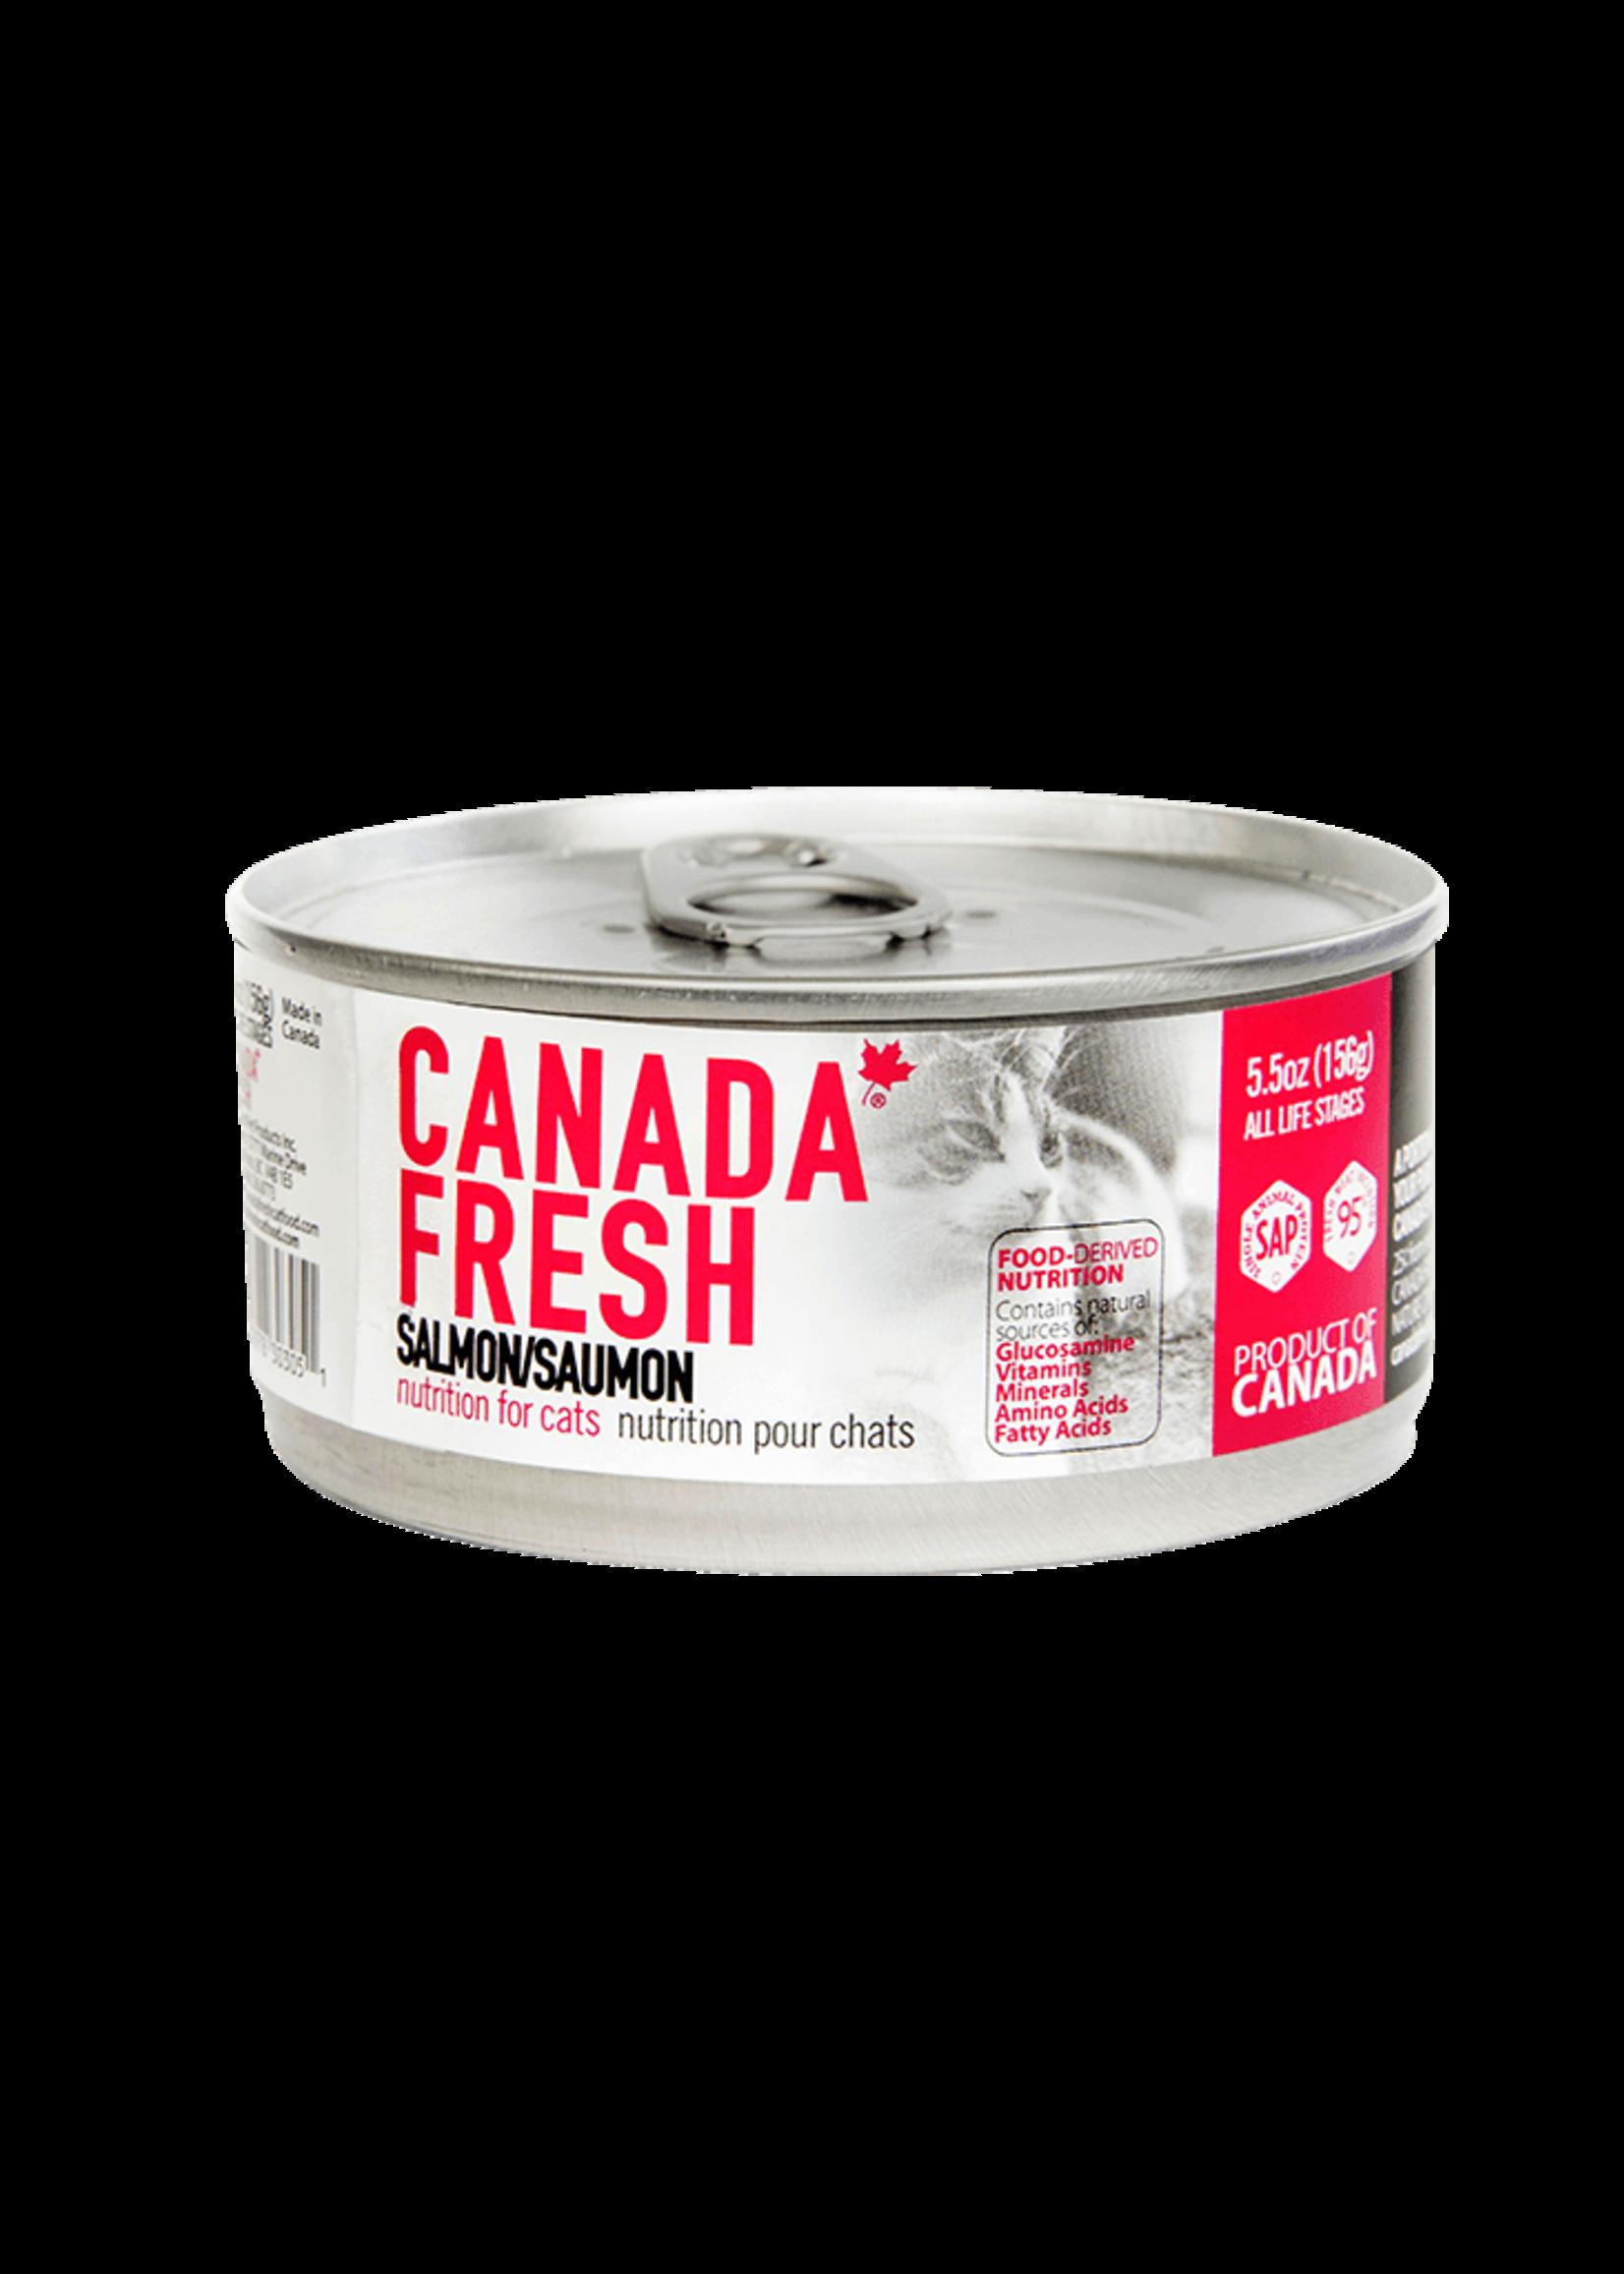 Canada Fresh™ Canada Fresh Salmon Formula 5.5oz